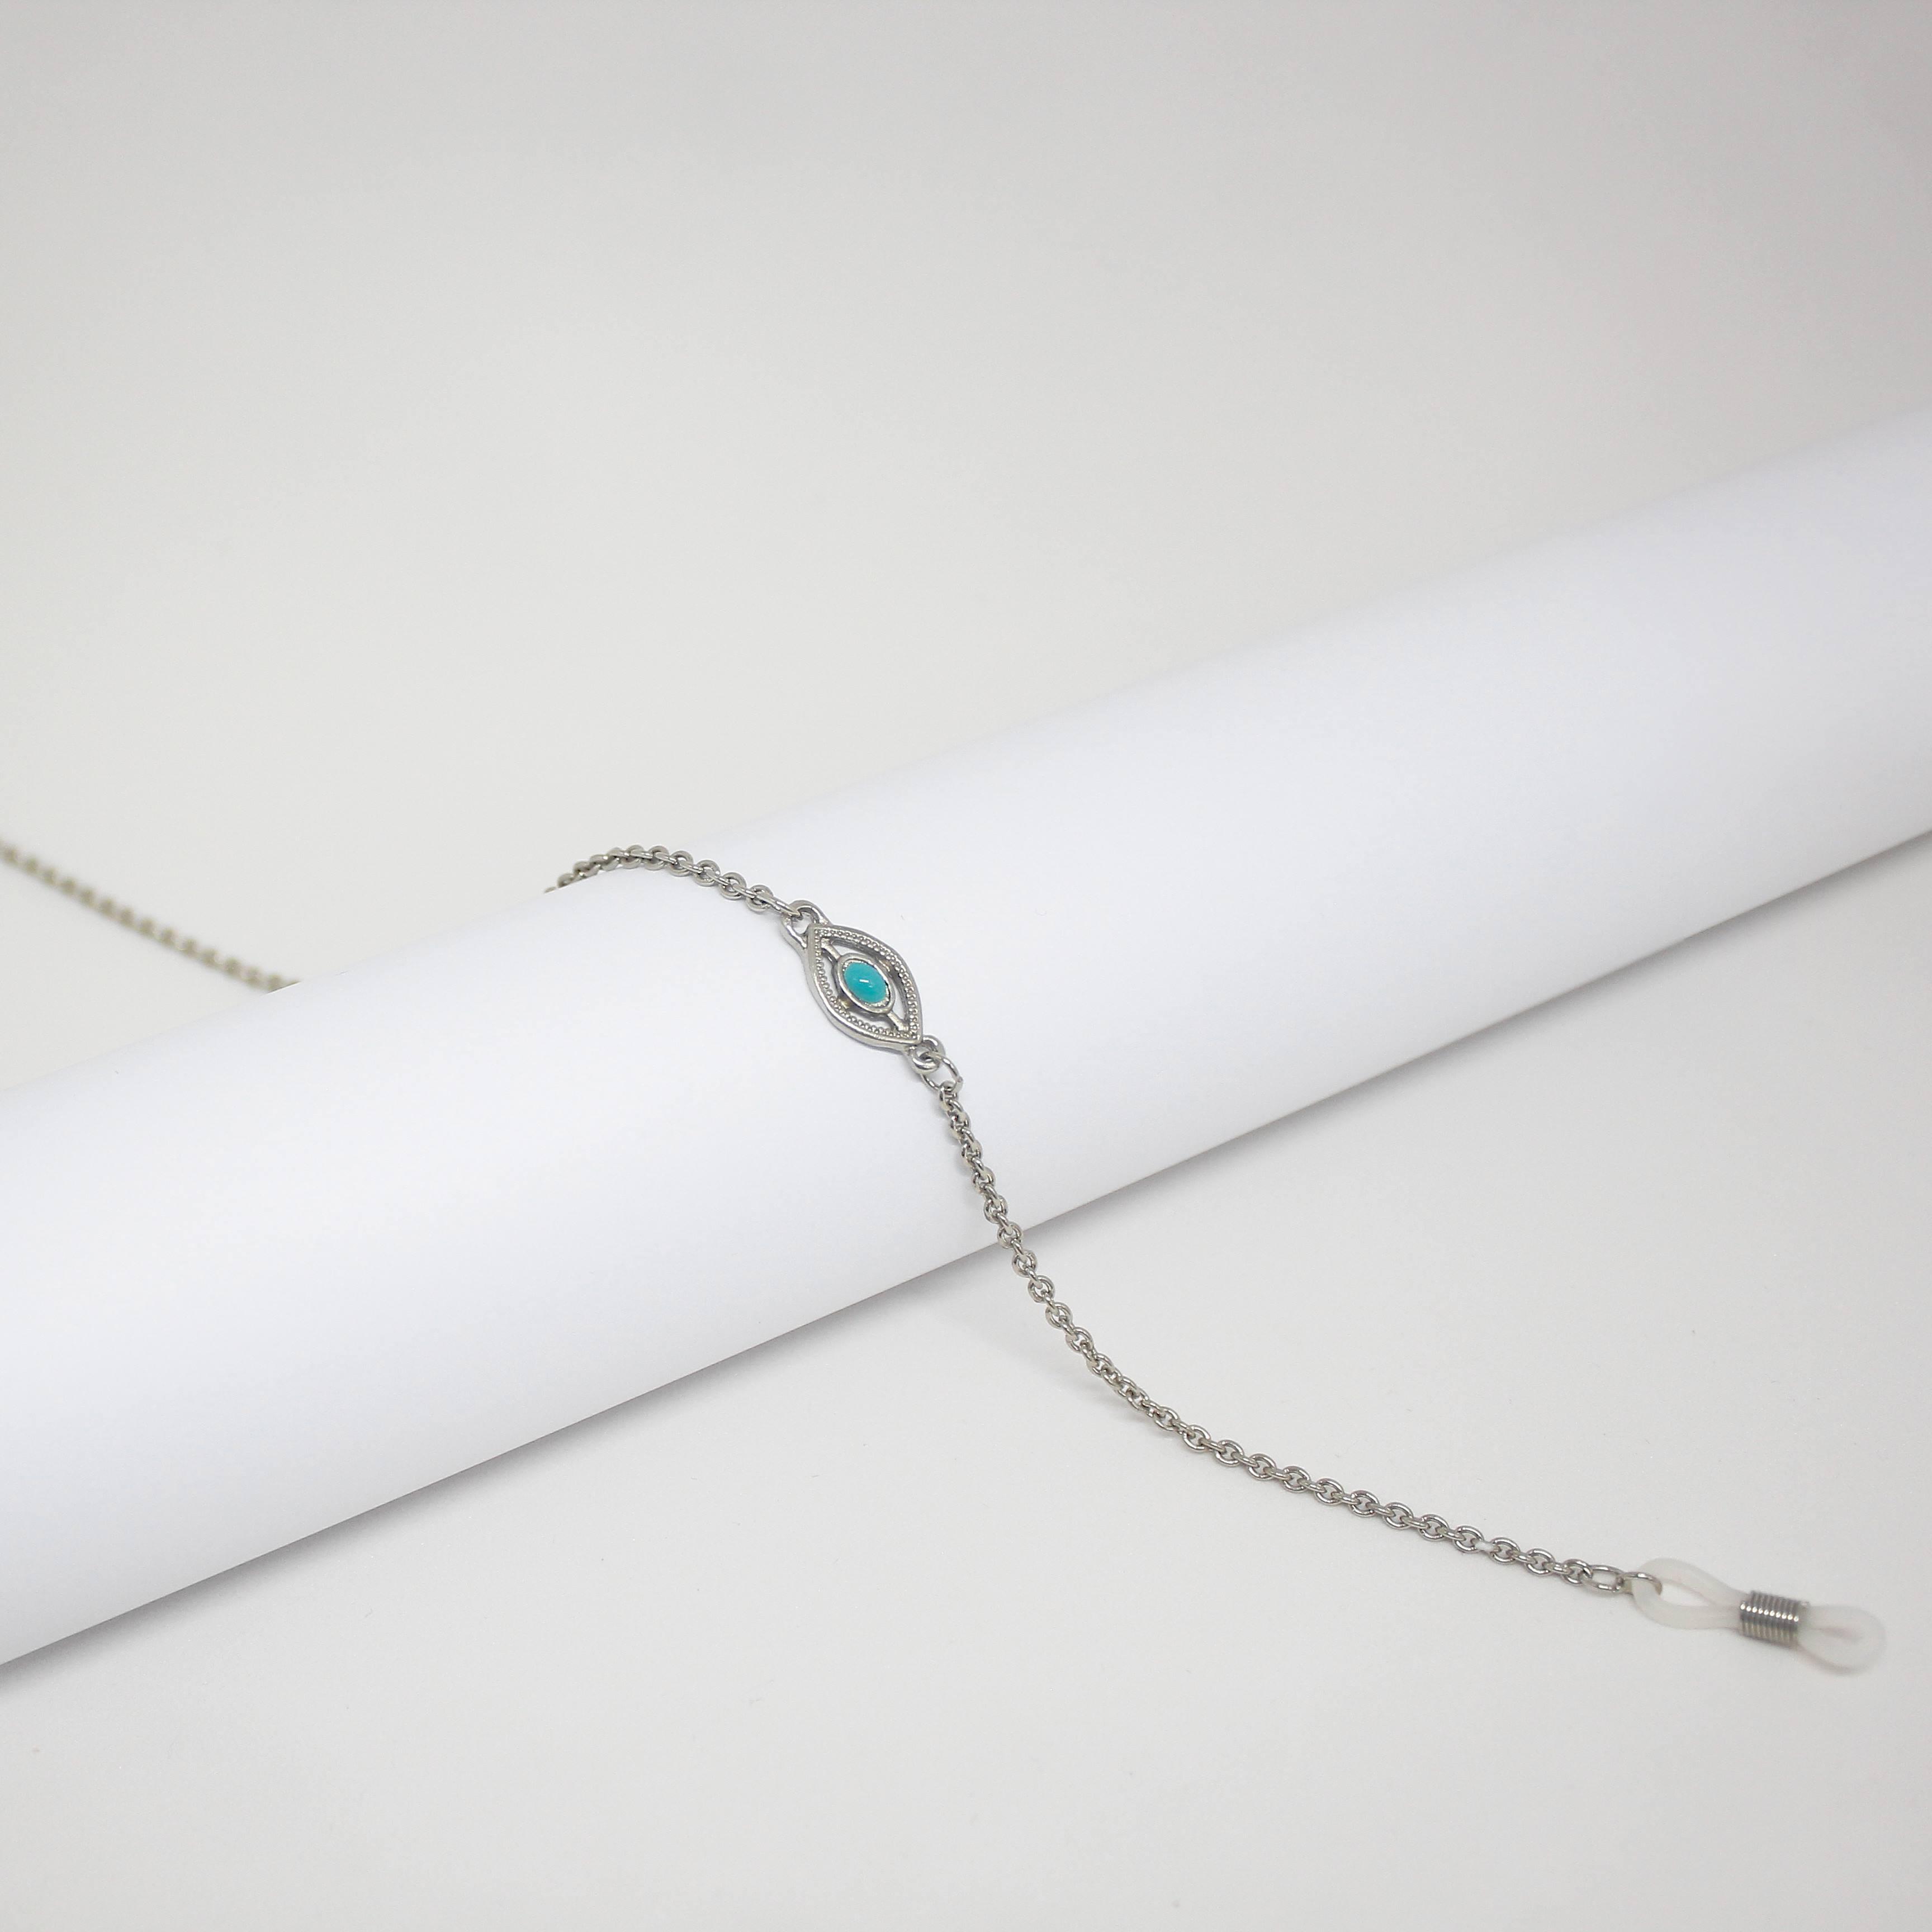 16161175 - Corrente Cadeada Niquel/Olho Egipcio Azul - Contém 3 Peças